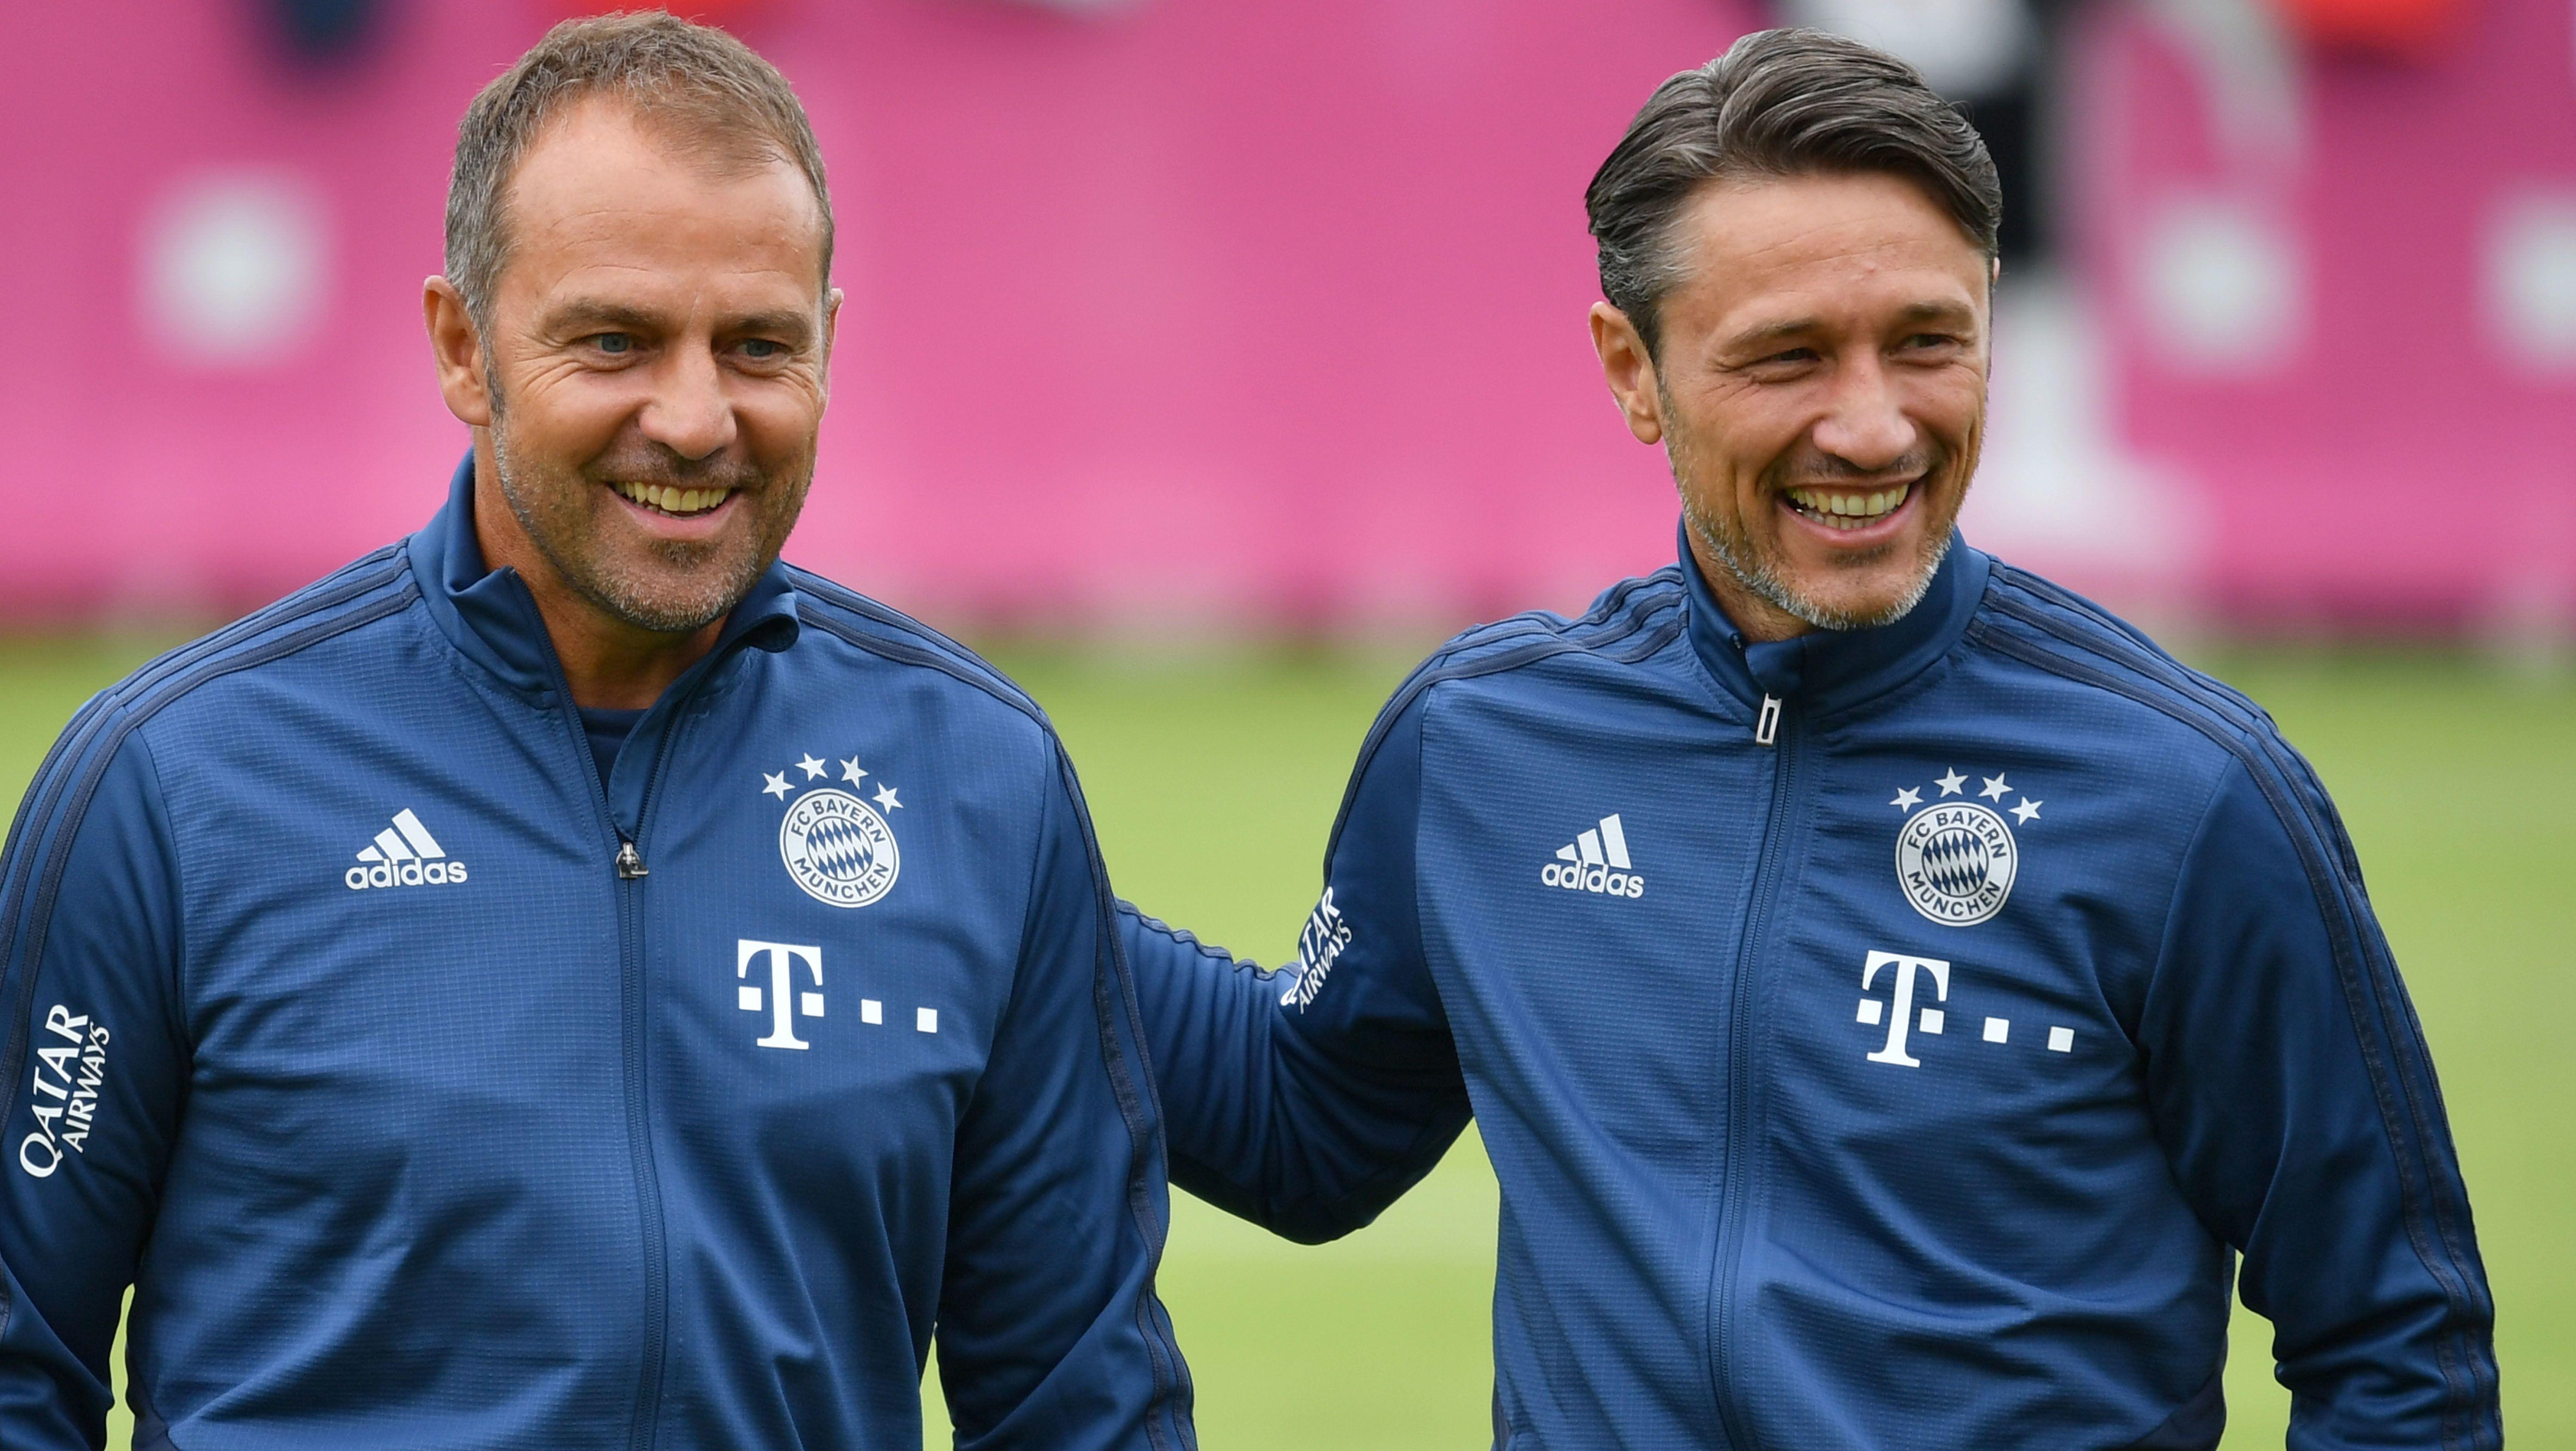 Niko Kovac und Hans Dieter Flick auf dem Spielfeld